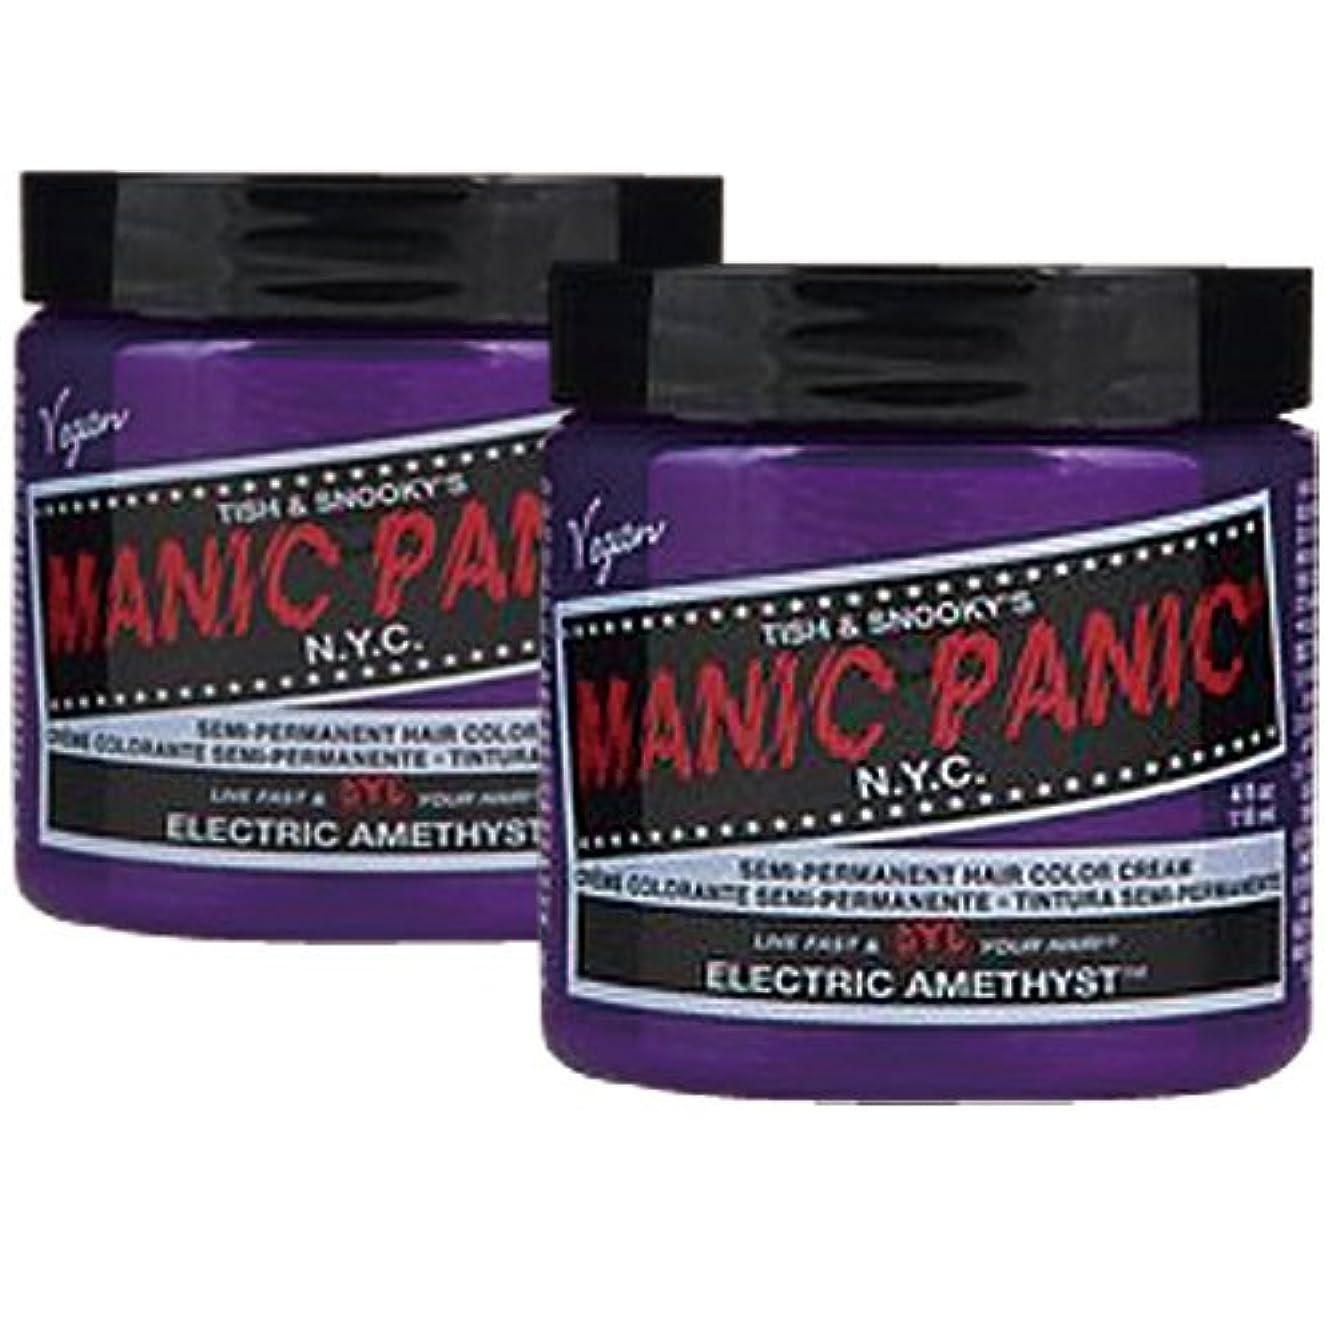 装置削るジャンピングジャック【2個セット】MANIC PANIC マニックパニック Electric amethyst エレクトリックアメジスト 118m